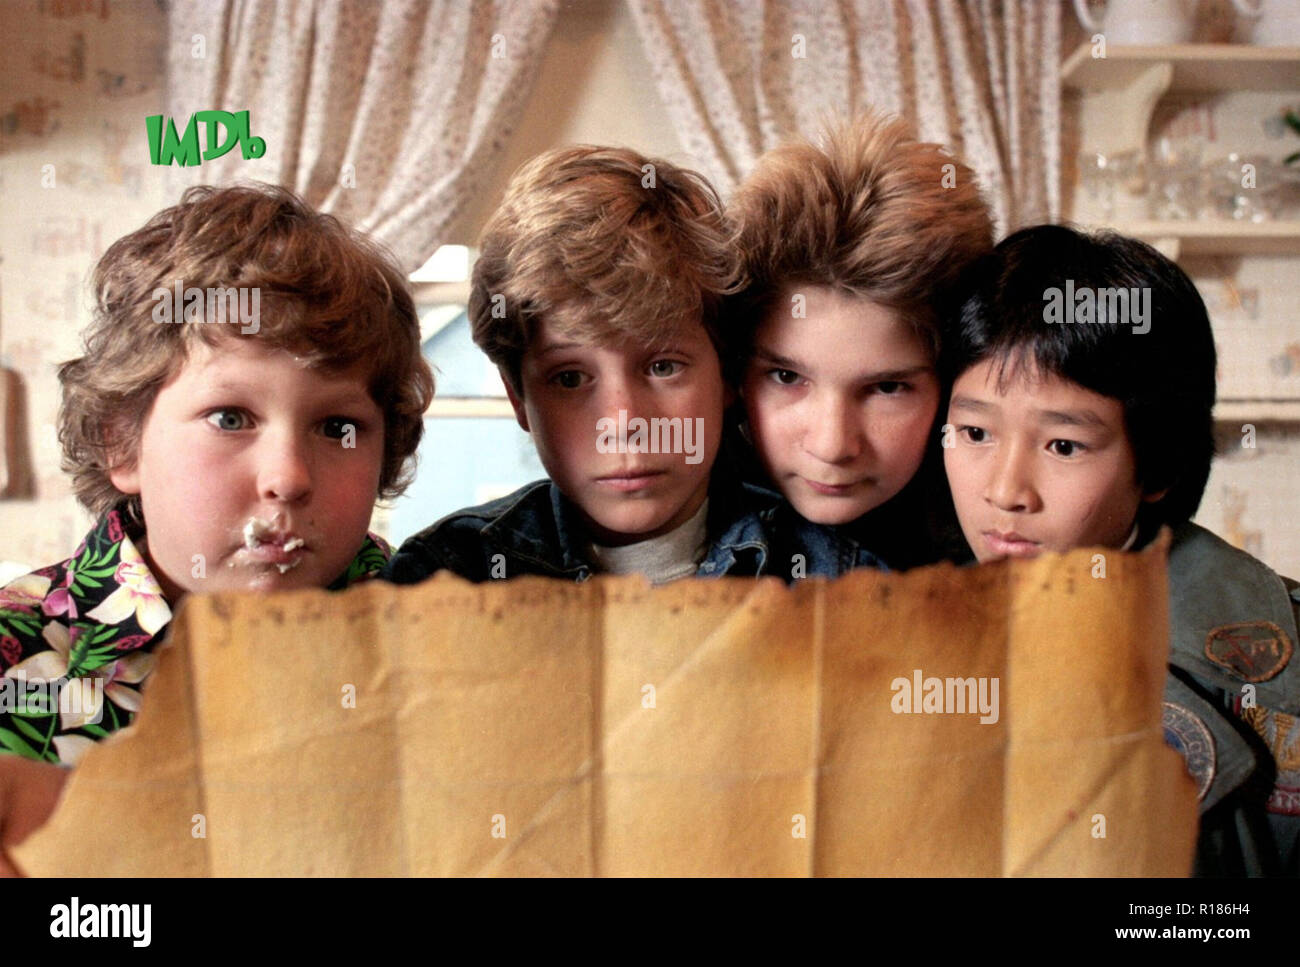 Die GOONIES 1985 Warner Bros film Stockbild